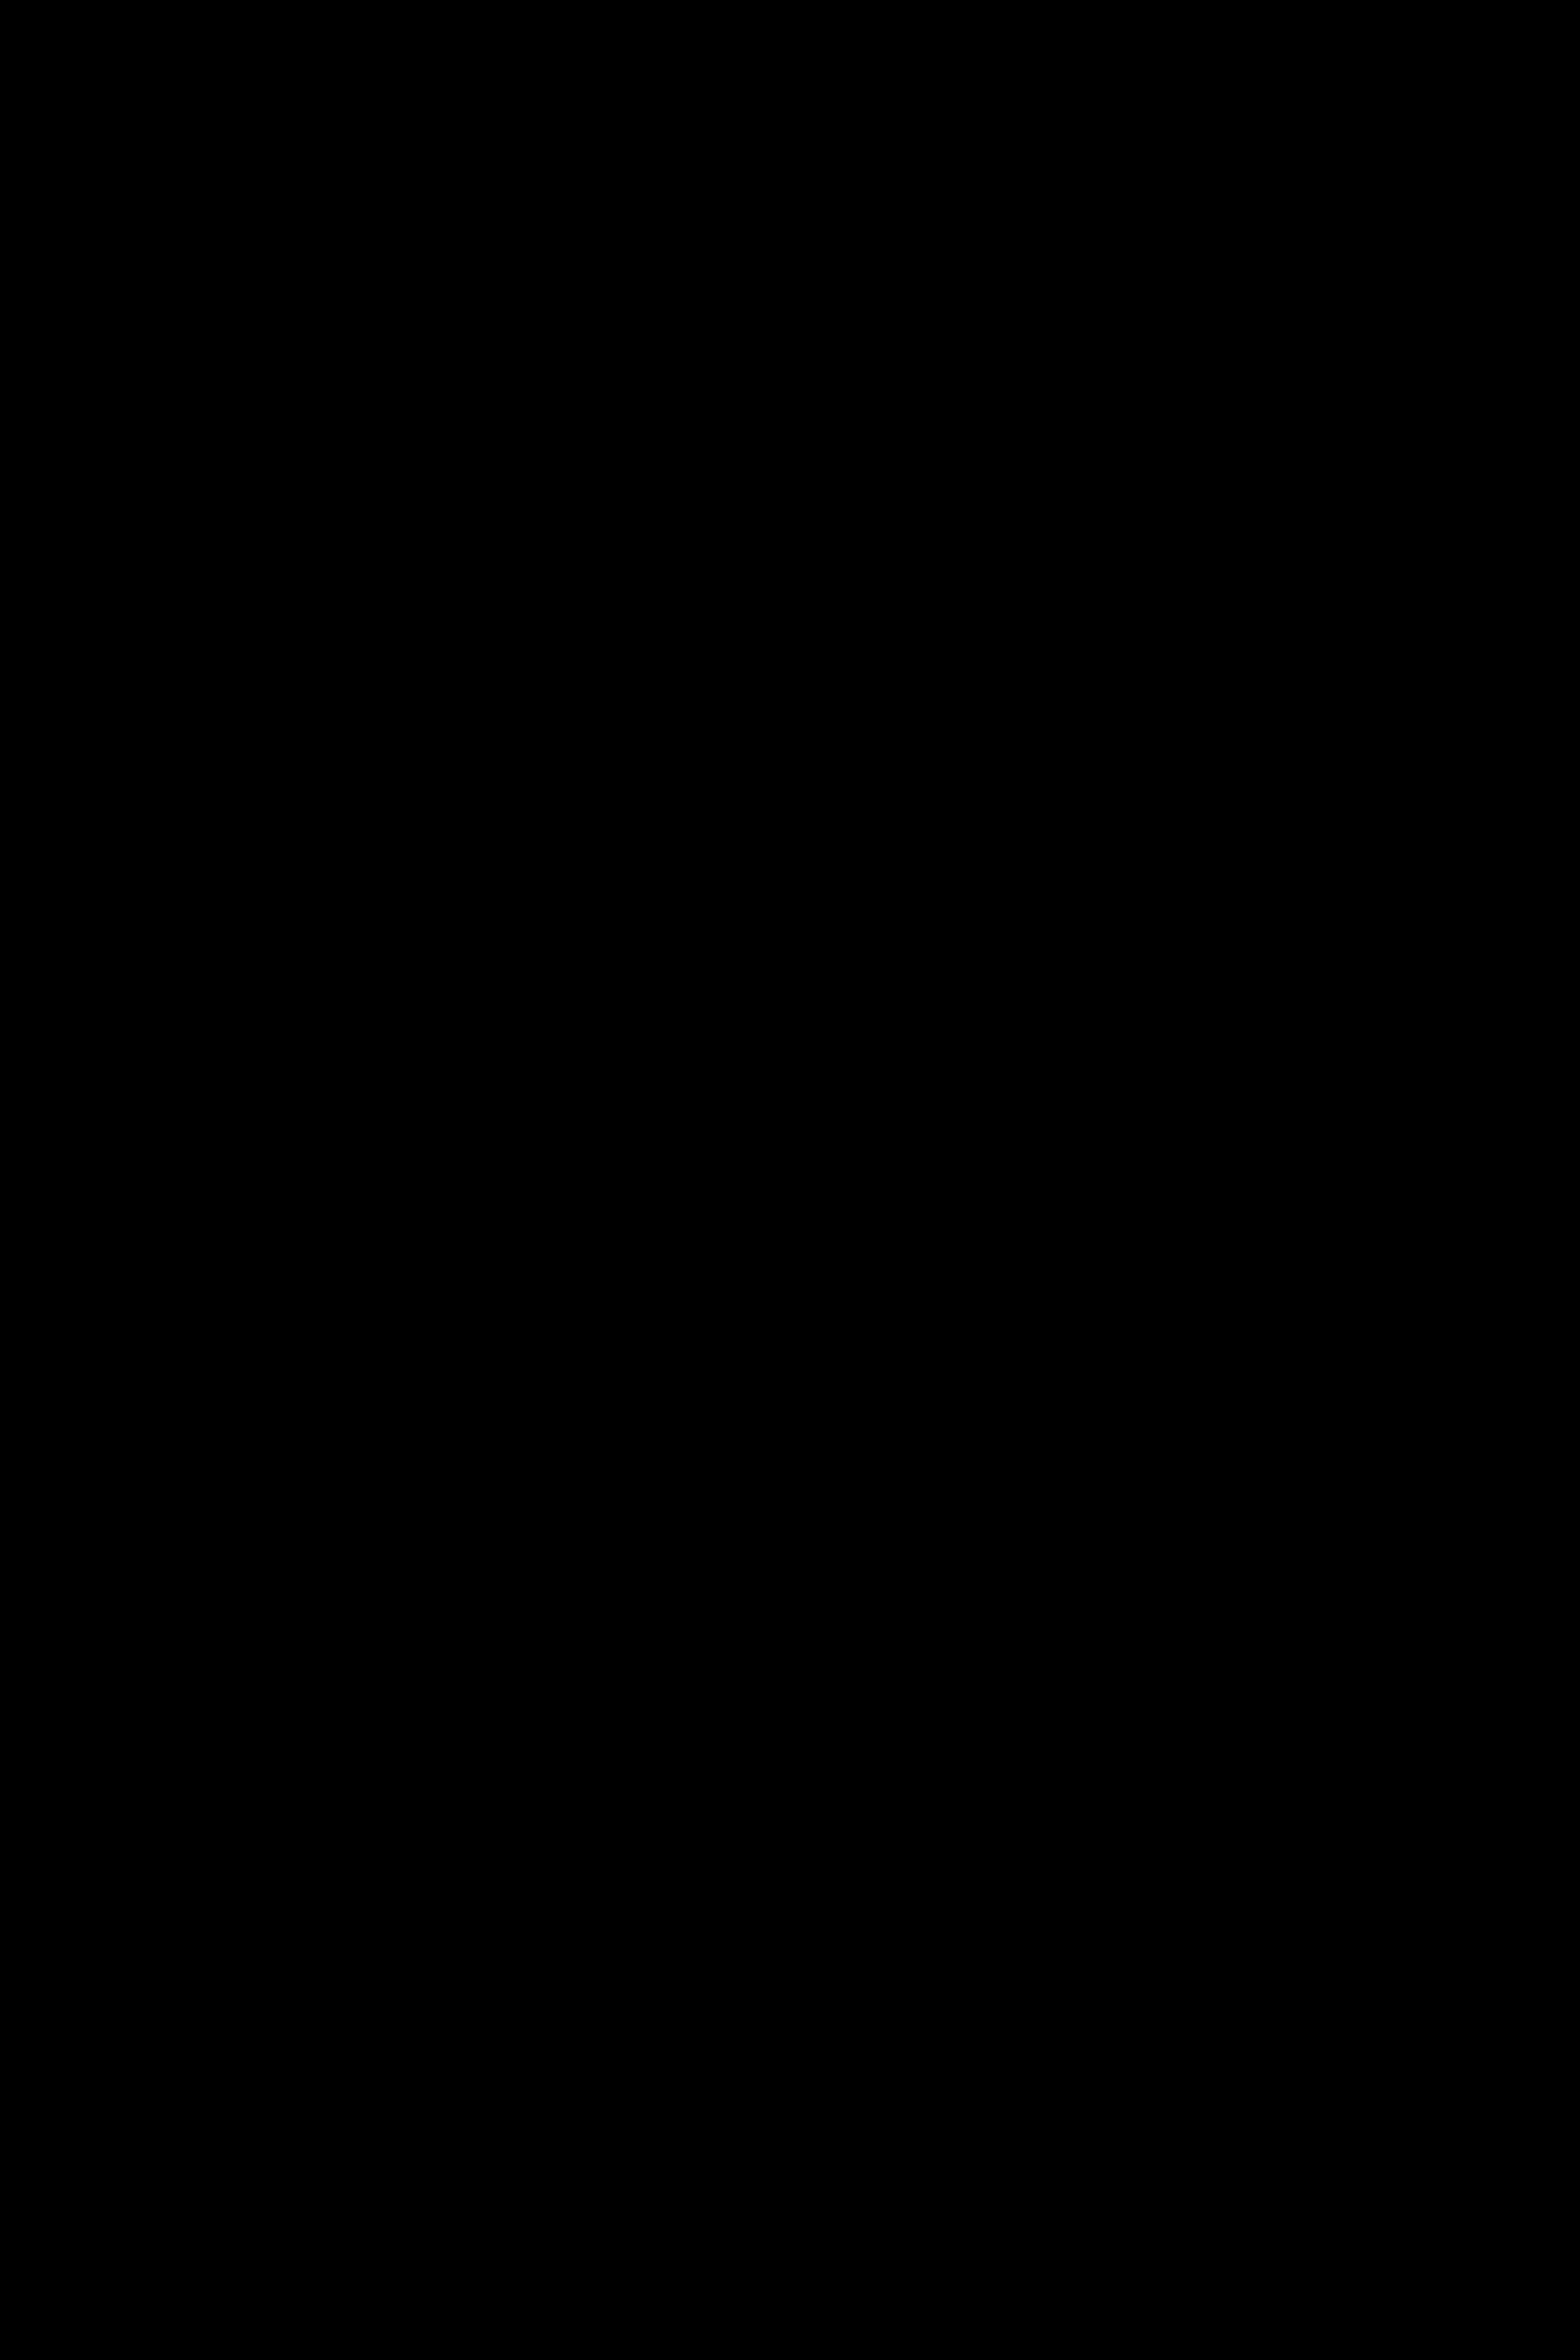 В Большом зале консерватории прозвучат шедевры наследия Петра Ильича Чайковского